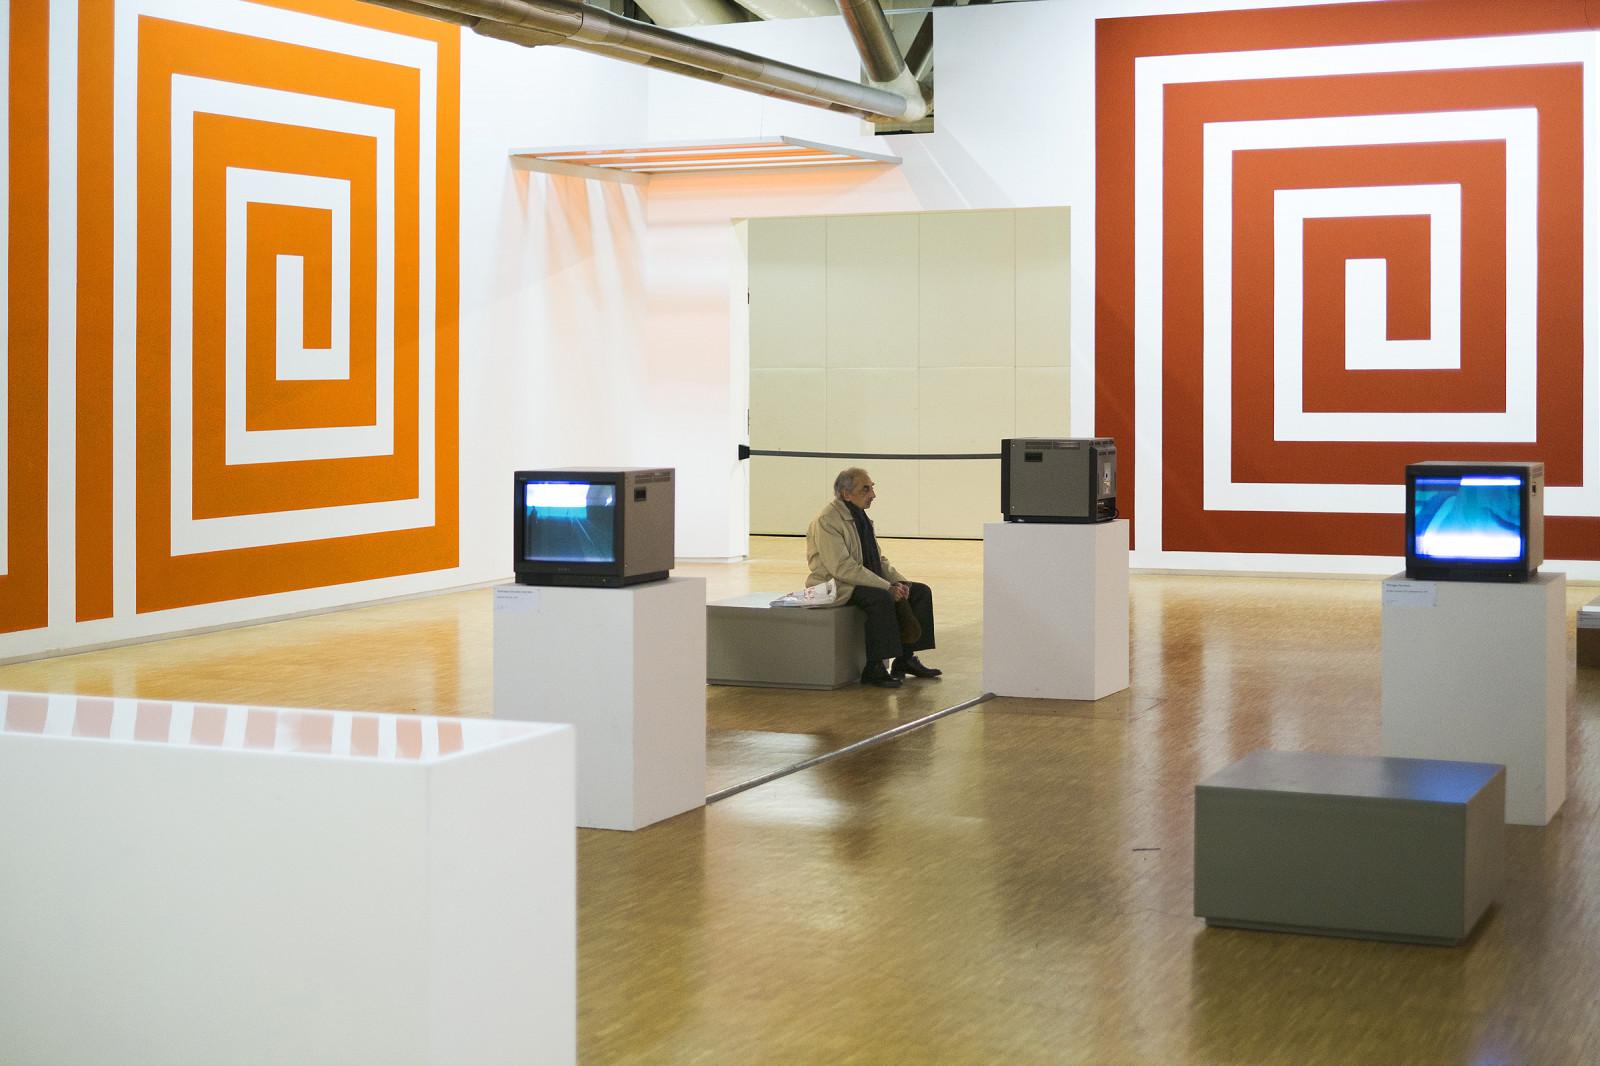 Fondos De Pantalla Televisi N Dise O De Interiores Exposici N  # Muebles Soledad